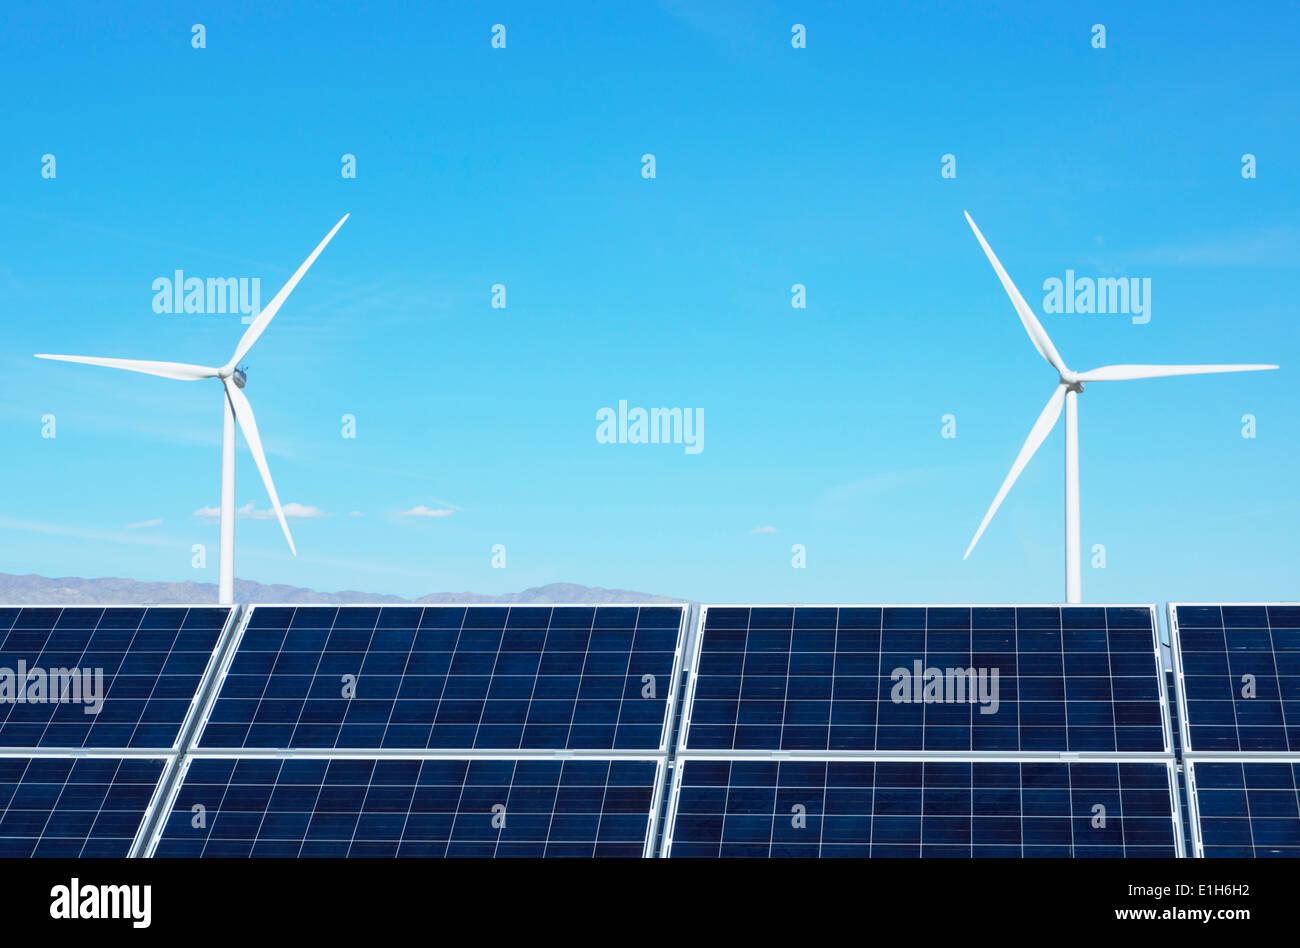 Panneaux solaires photovoltaïques et éoliennes, Col San Gorgonio Wind Farm, Palm Springs, California, USA Photo Stock